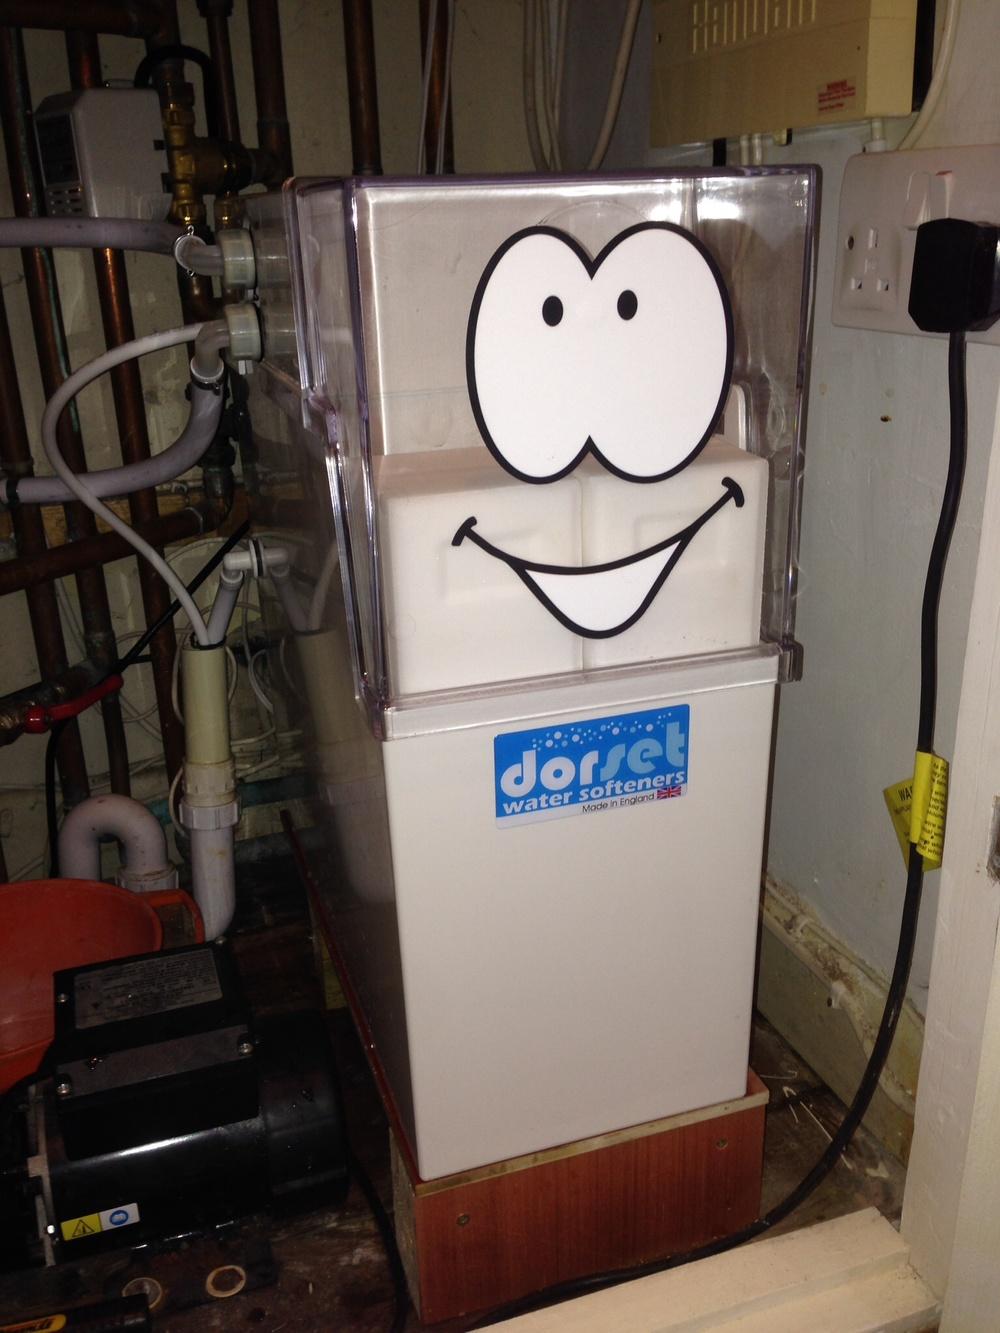 Dorset water Softeners Softi 800s3